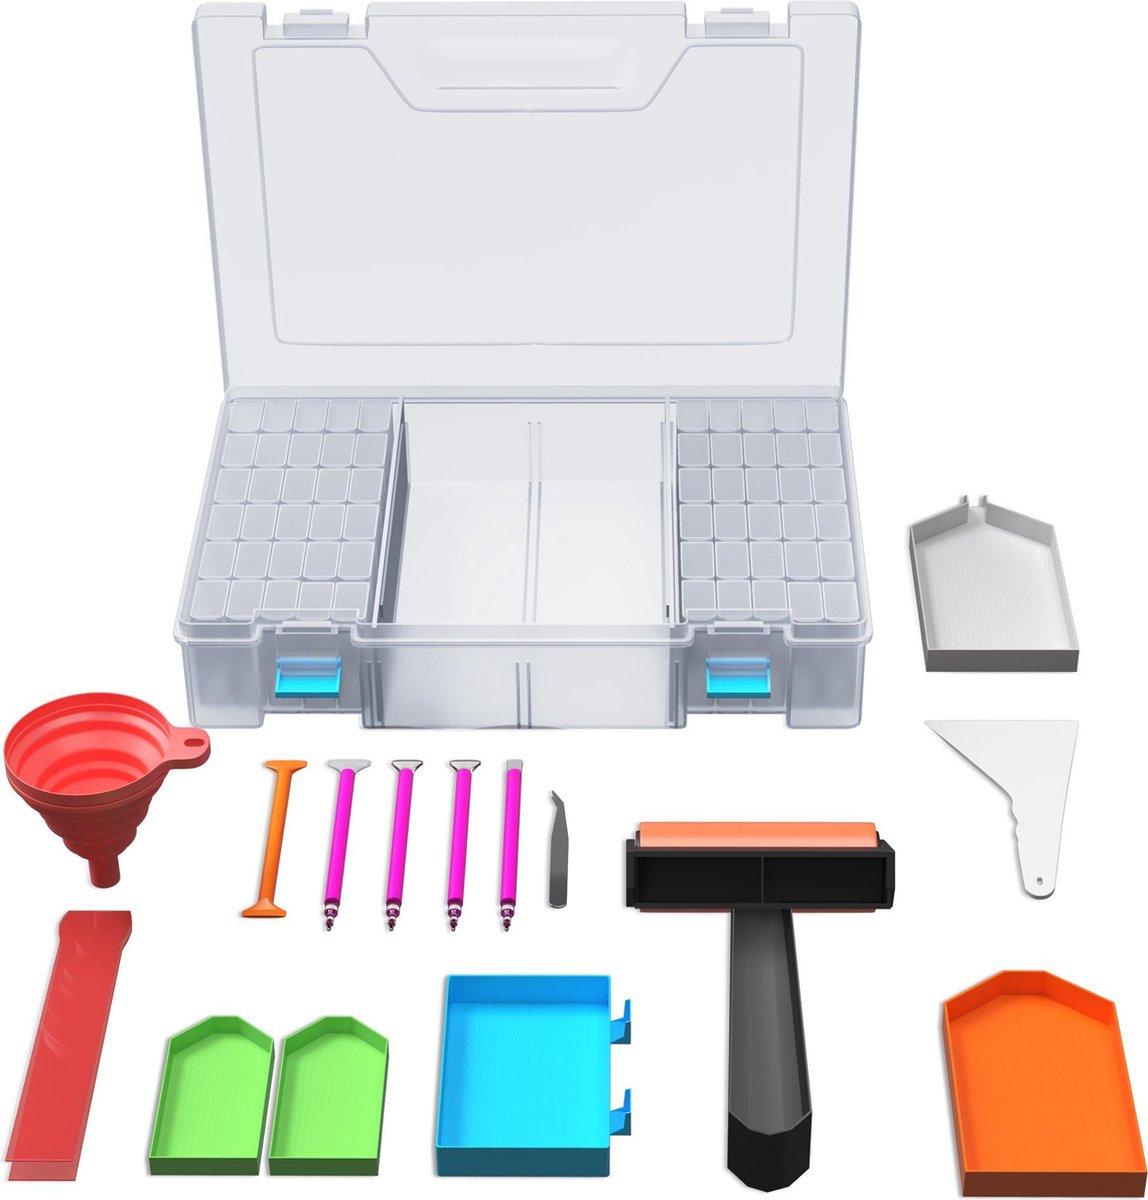 Rubye® Diamond Painting Accessoires Pakket Volwassenen - Opbergdoos 64 vakken - Roller - Pennen - Schudbakje - Starterspakket